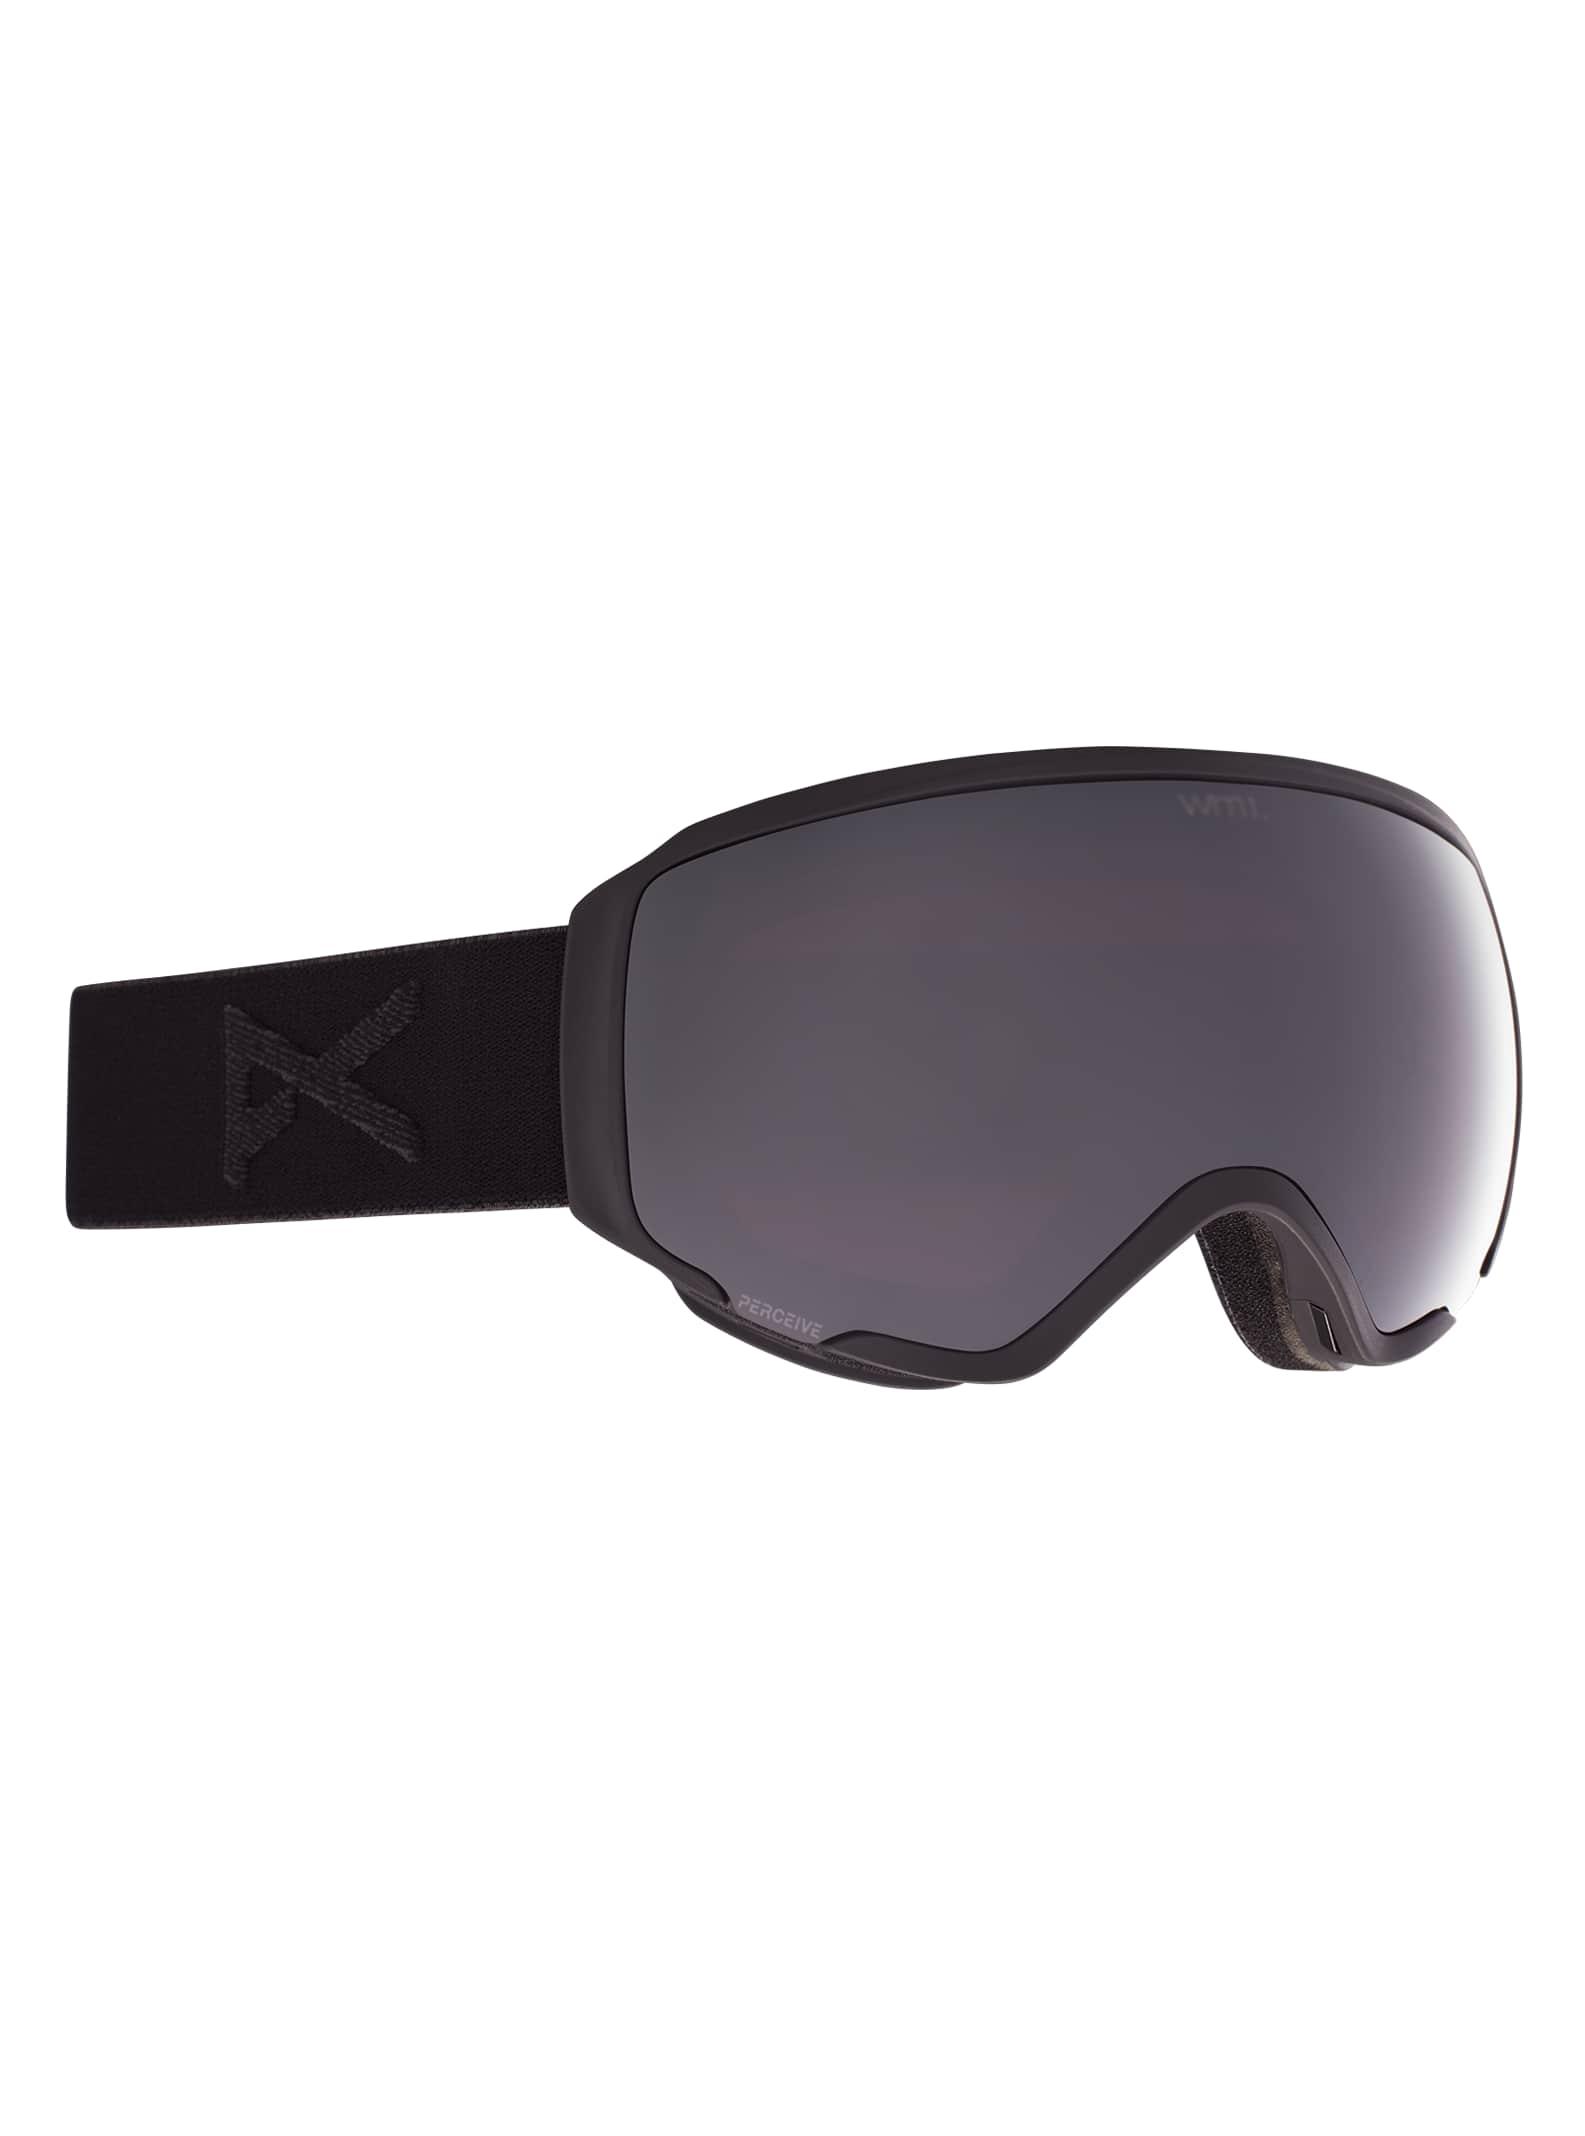 Anon WM1 Snapback skidglasögon för damer + reservlins